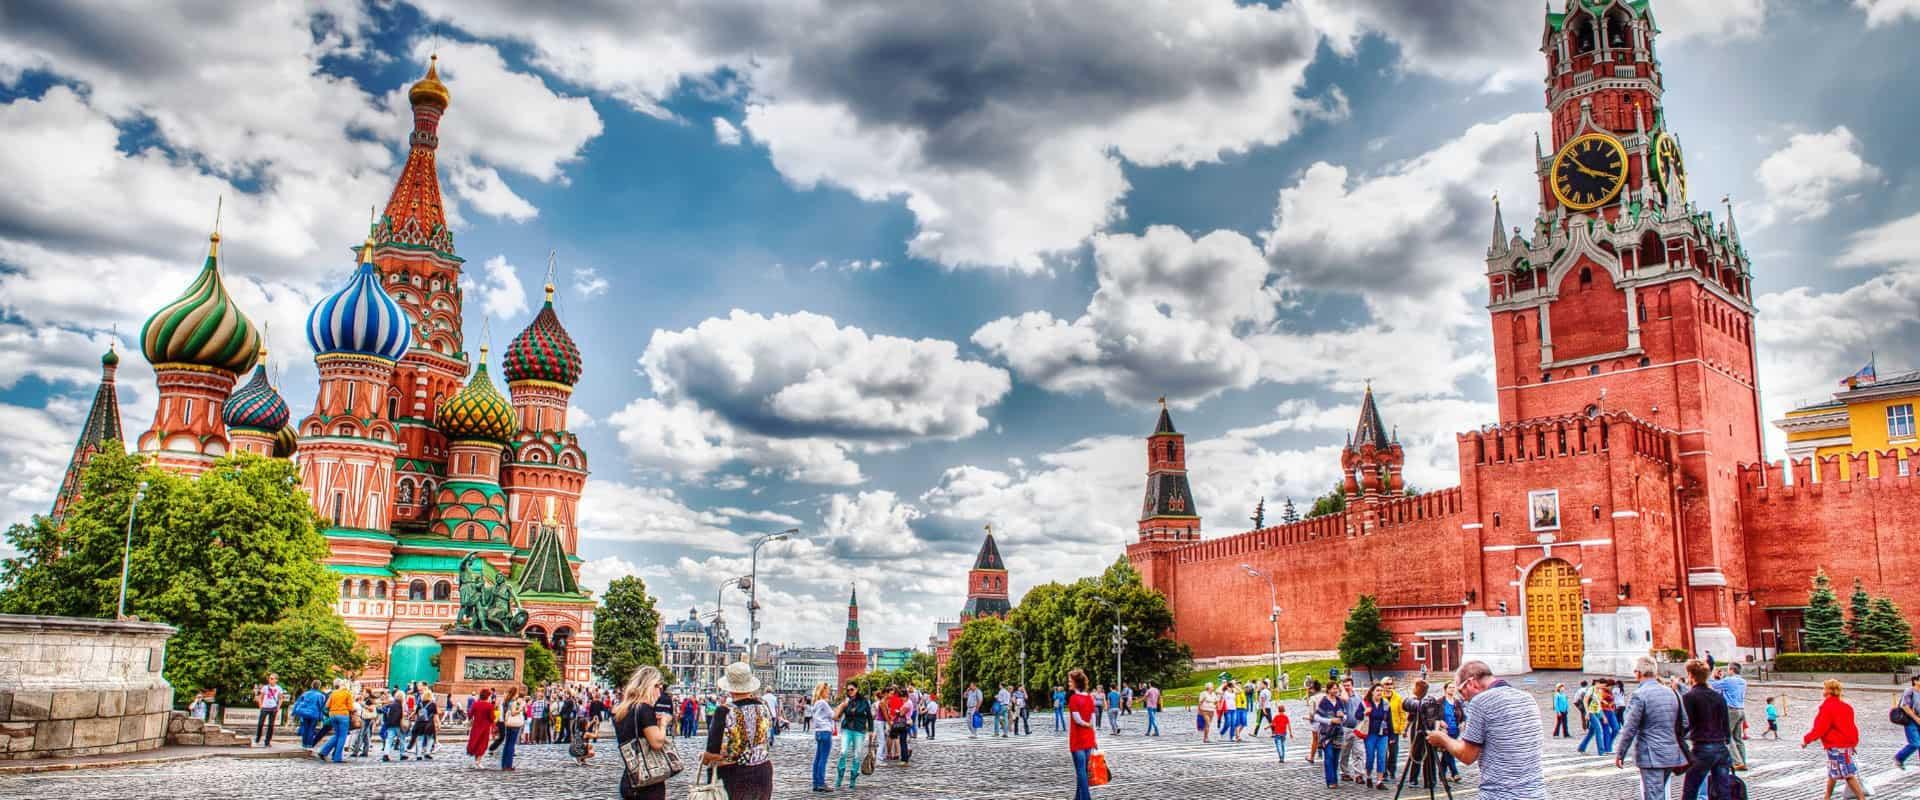 Du lịch Nga tự túc bao nhiêu tiền